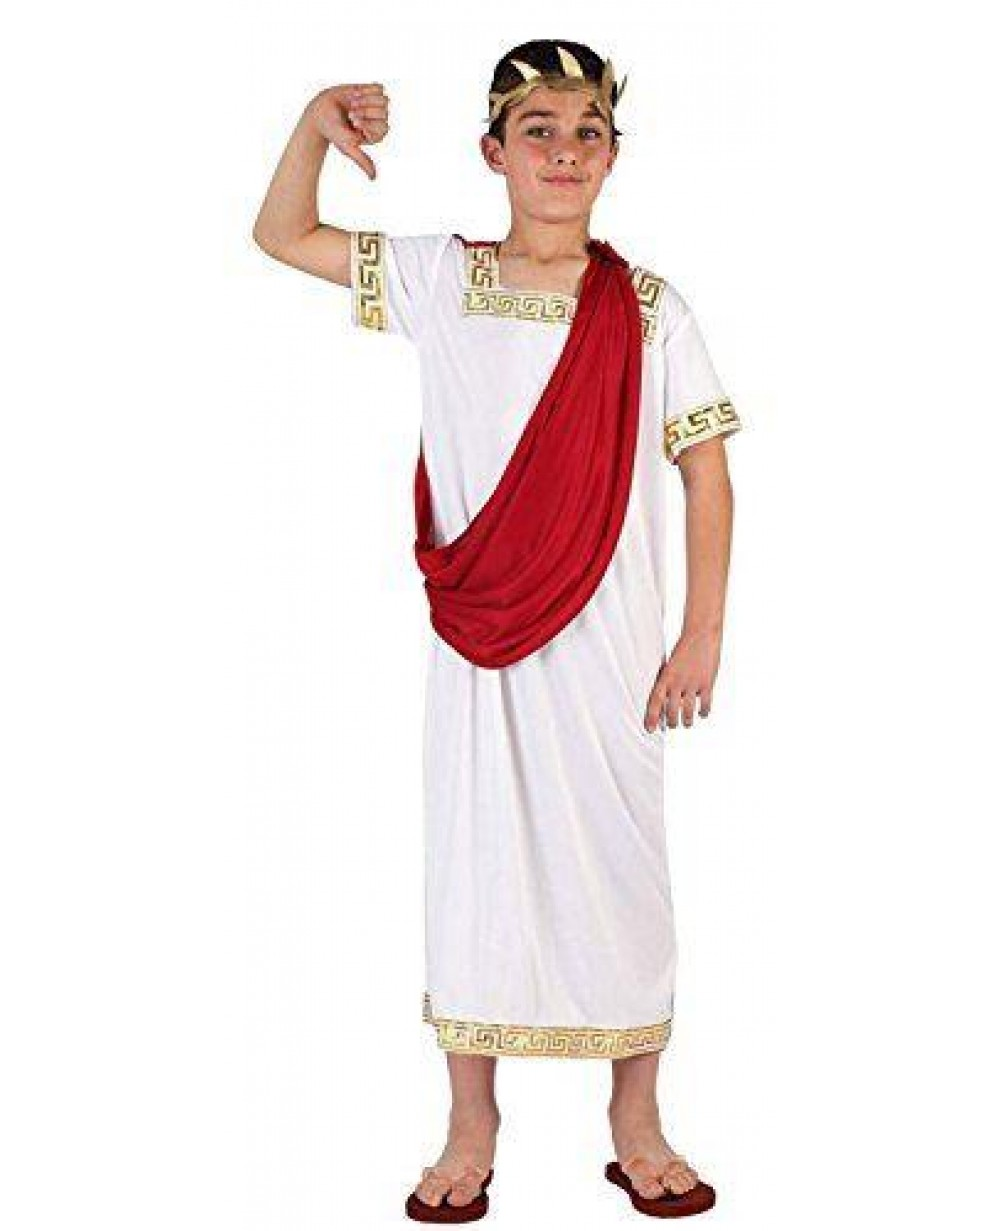 Il negozio online giochi carnevale scuola costume da romano bambinot 2 - Costume da bagno traduzione ...